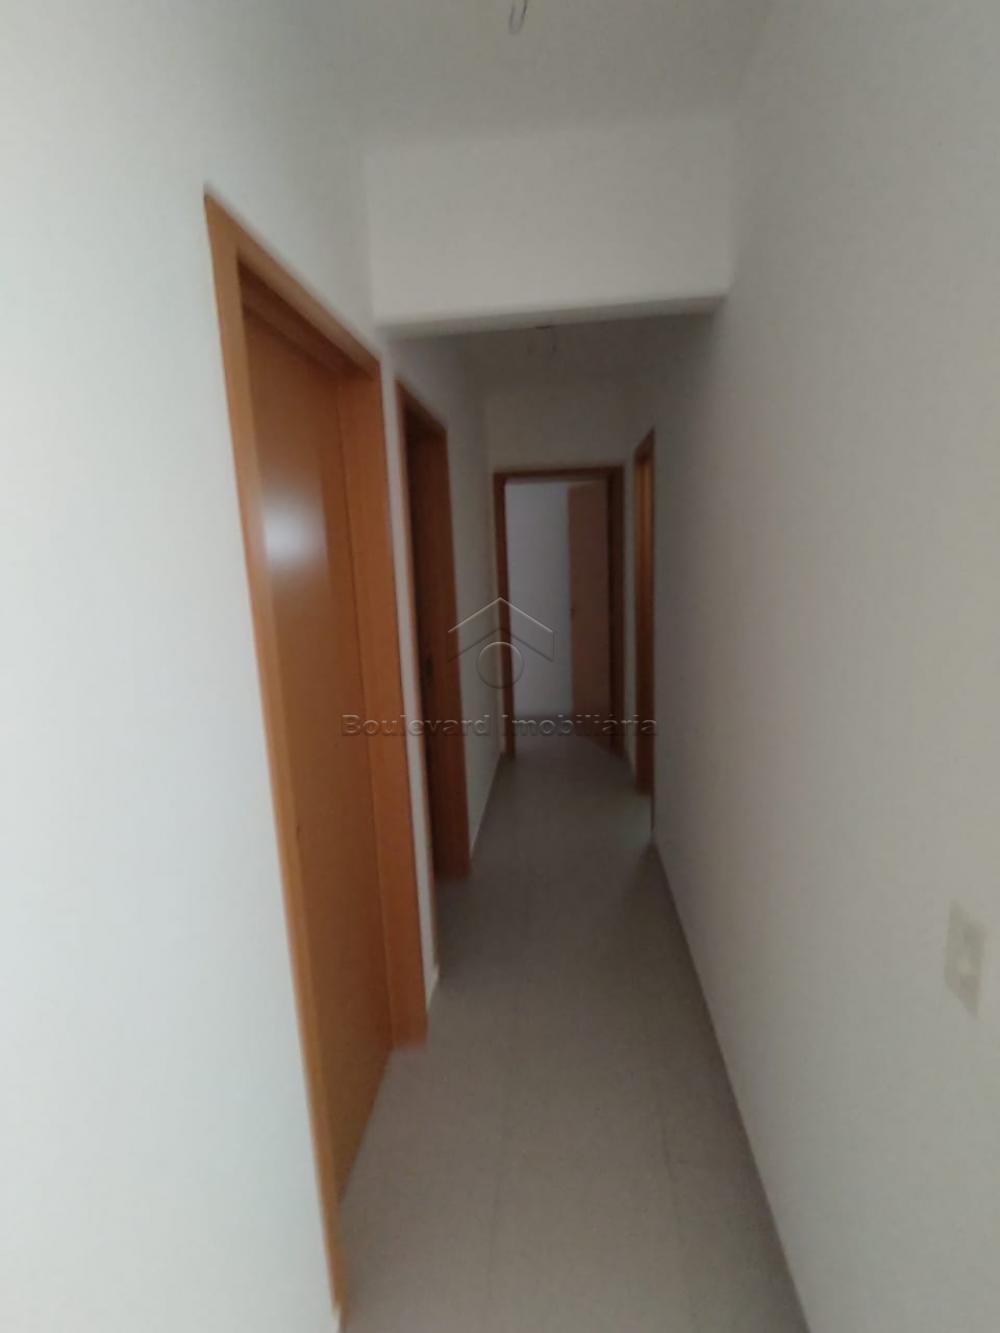 Comprar Apartamento / Padrão em Ribeirão Preto R$ 500.000,00 - Foto 4